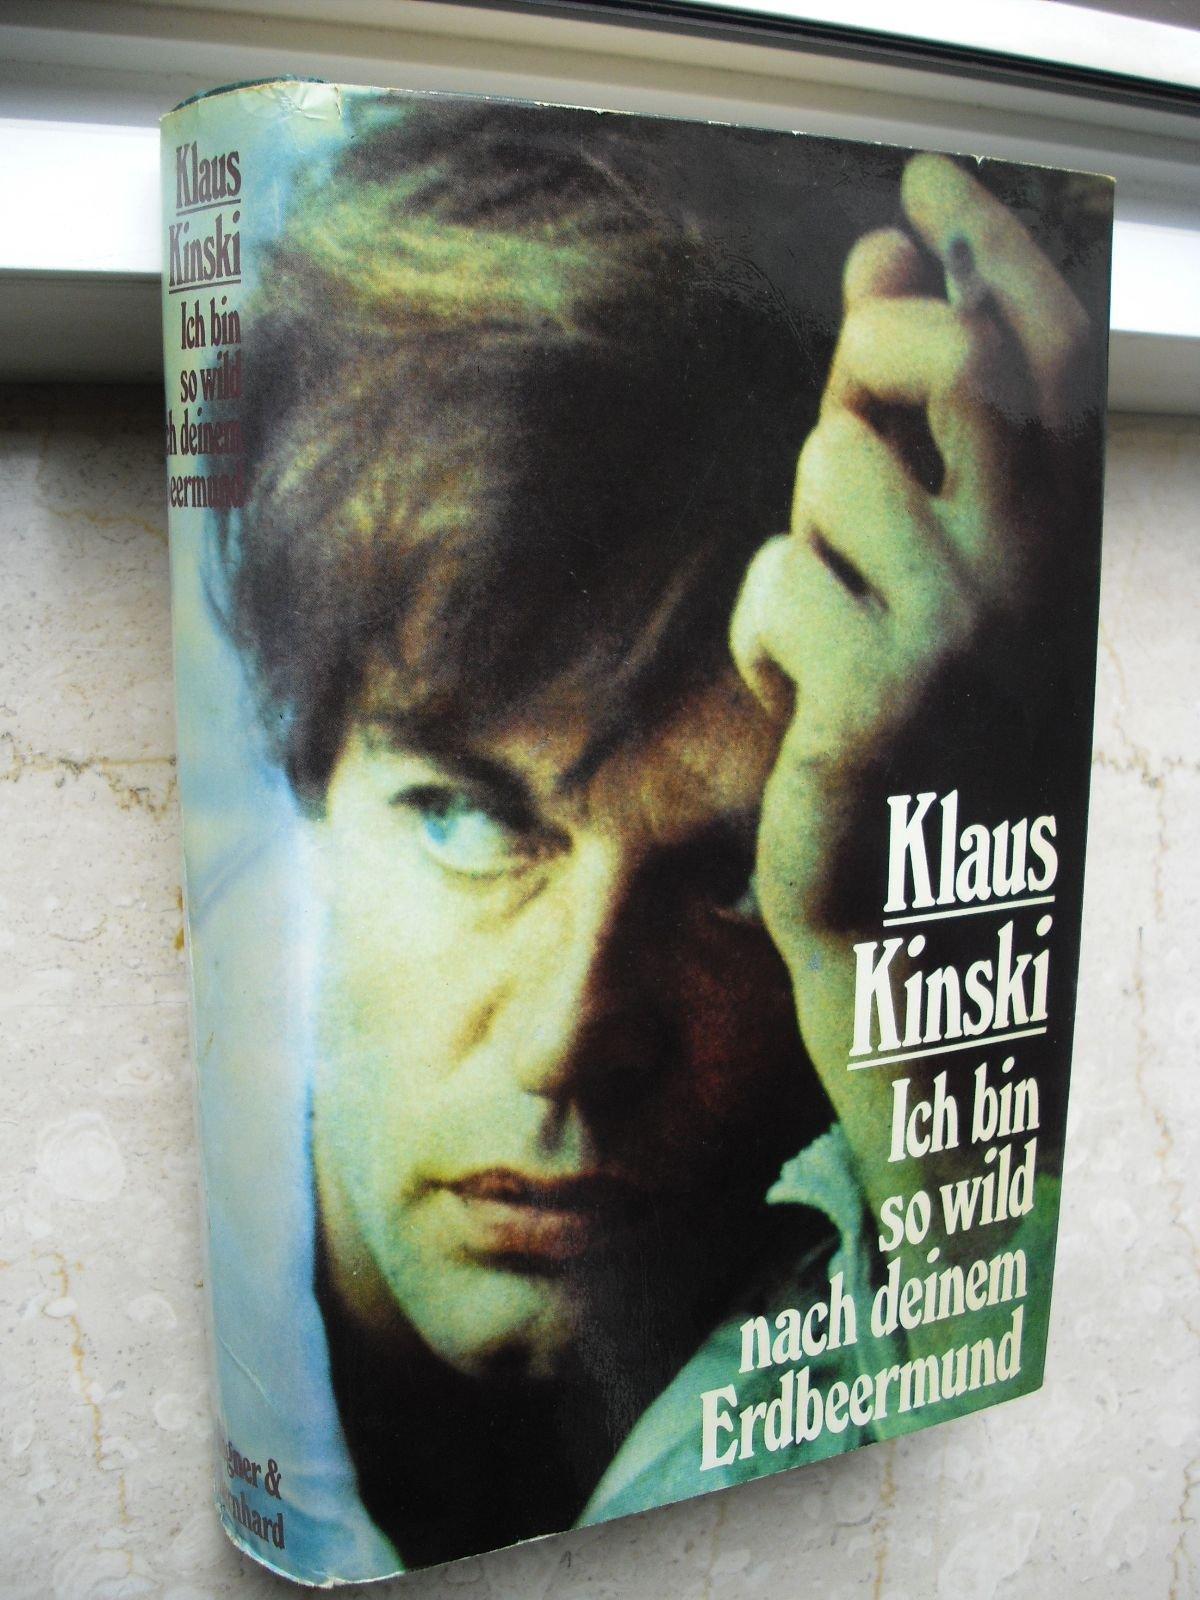 KLAUS KINSKI ERDBEERMUND PDF